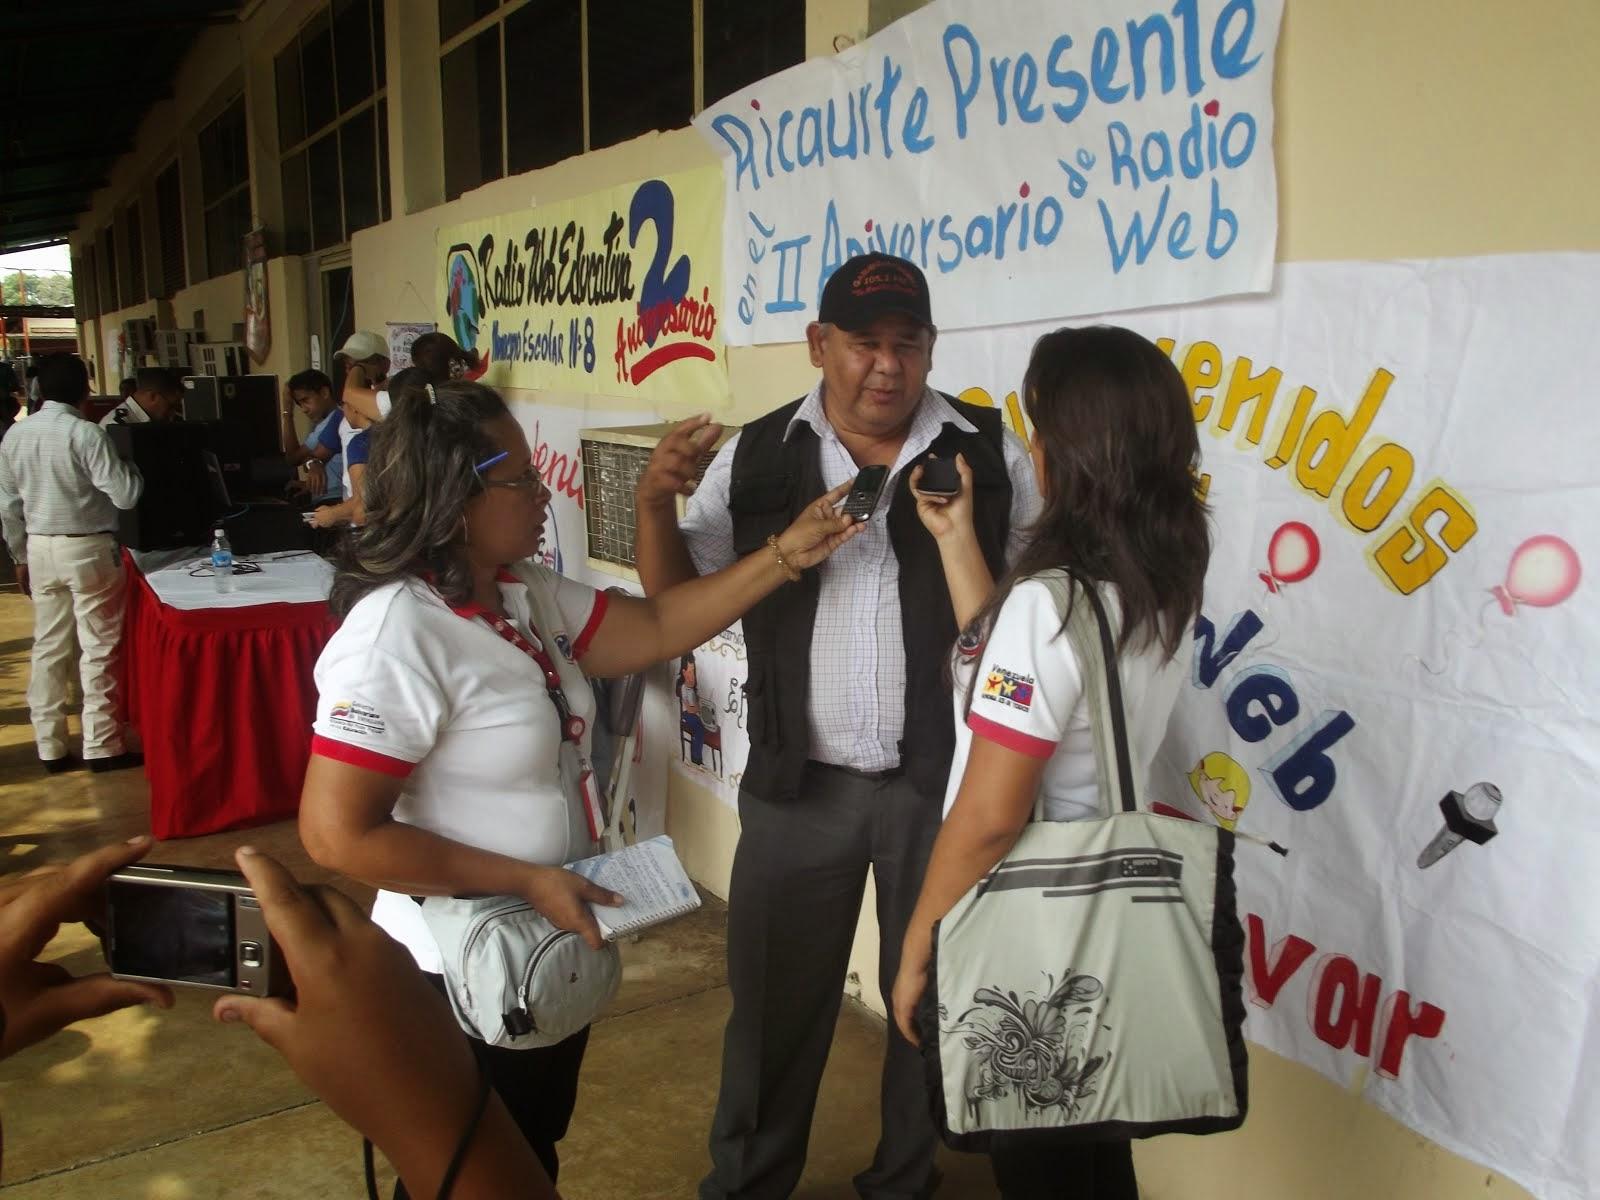 UNA BREVE INFORMACION SOBRE LOS ALCANCES DE LA RADIO ESCOLAR